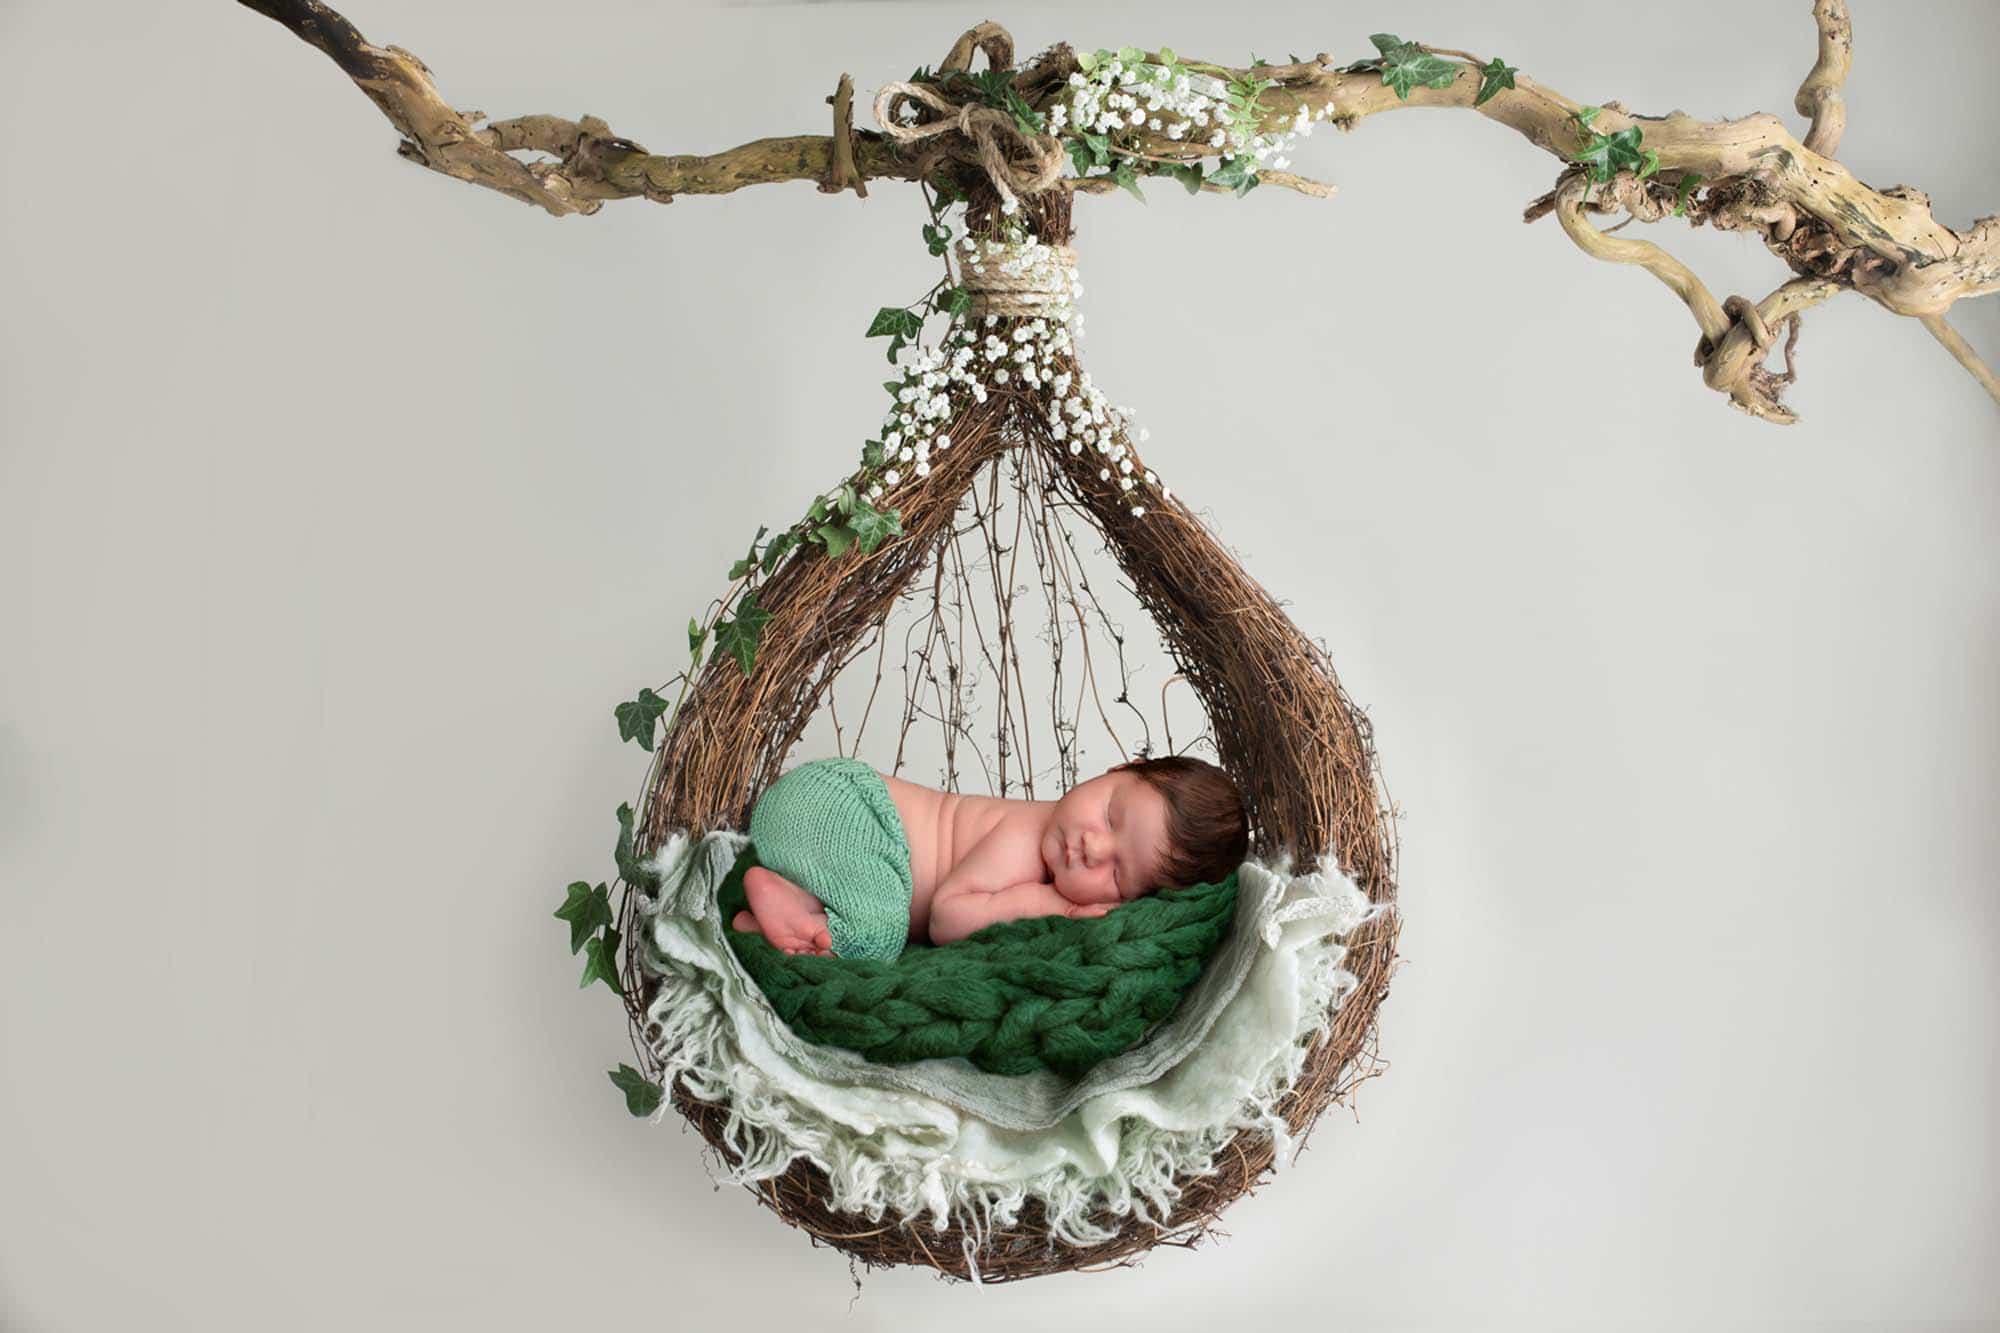 Hanging-basket